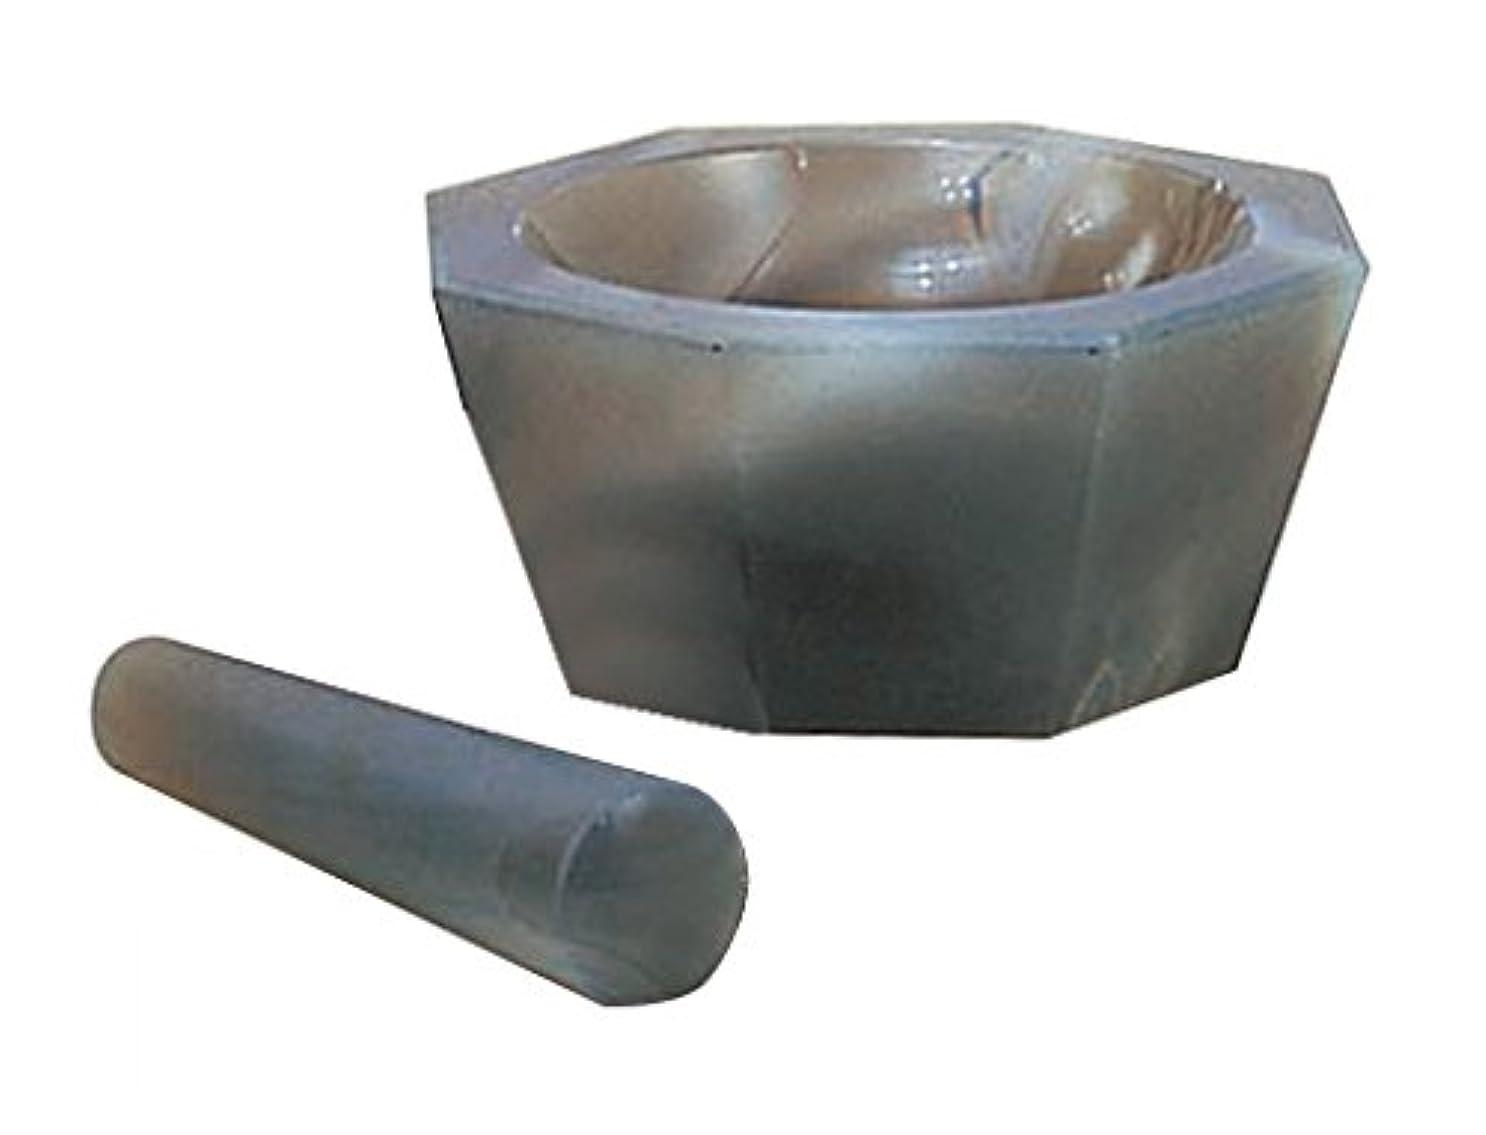 小麦粉構造きちんとした城戸メノウ乳鉢製作所 メノー乳鉢 浅型 乳棒付き